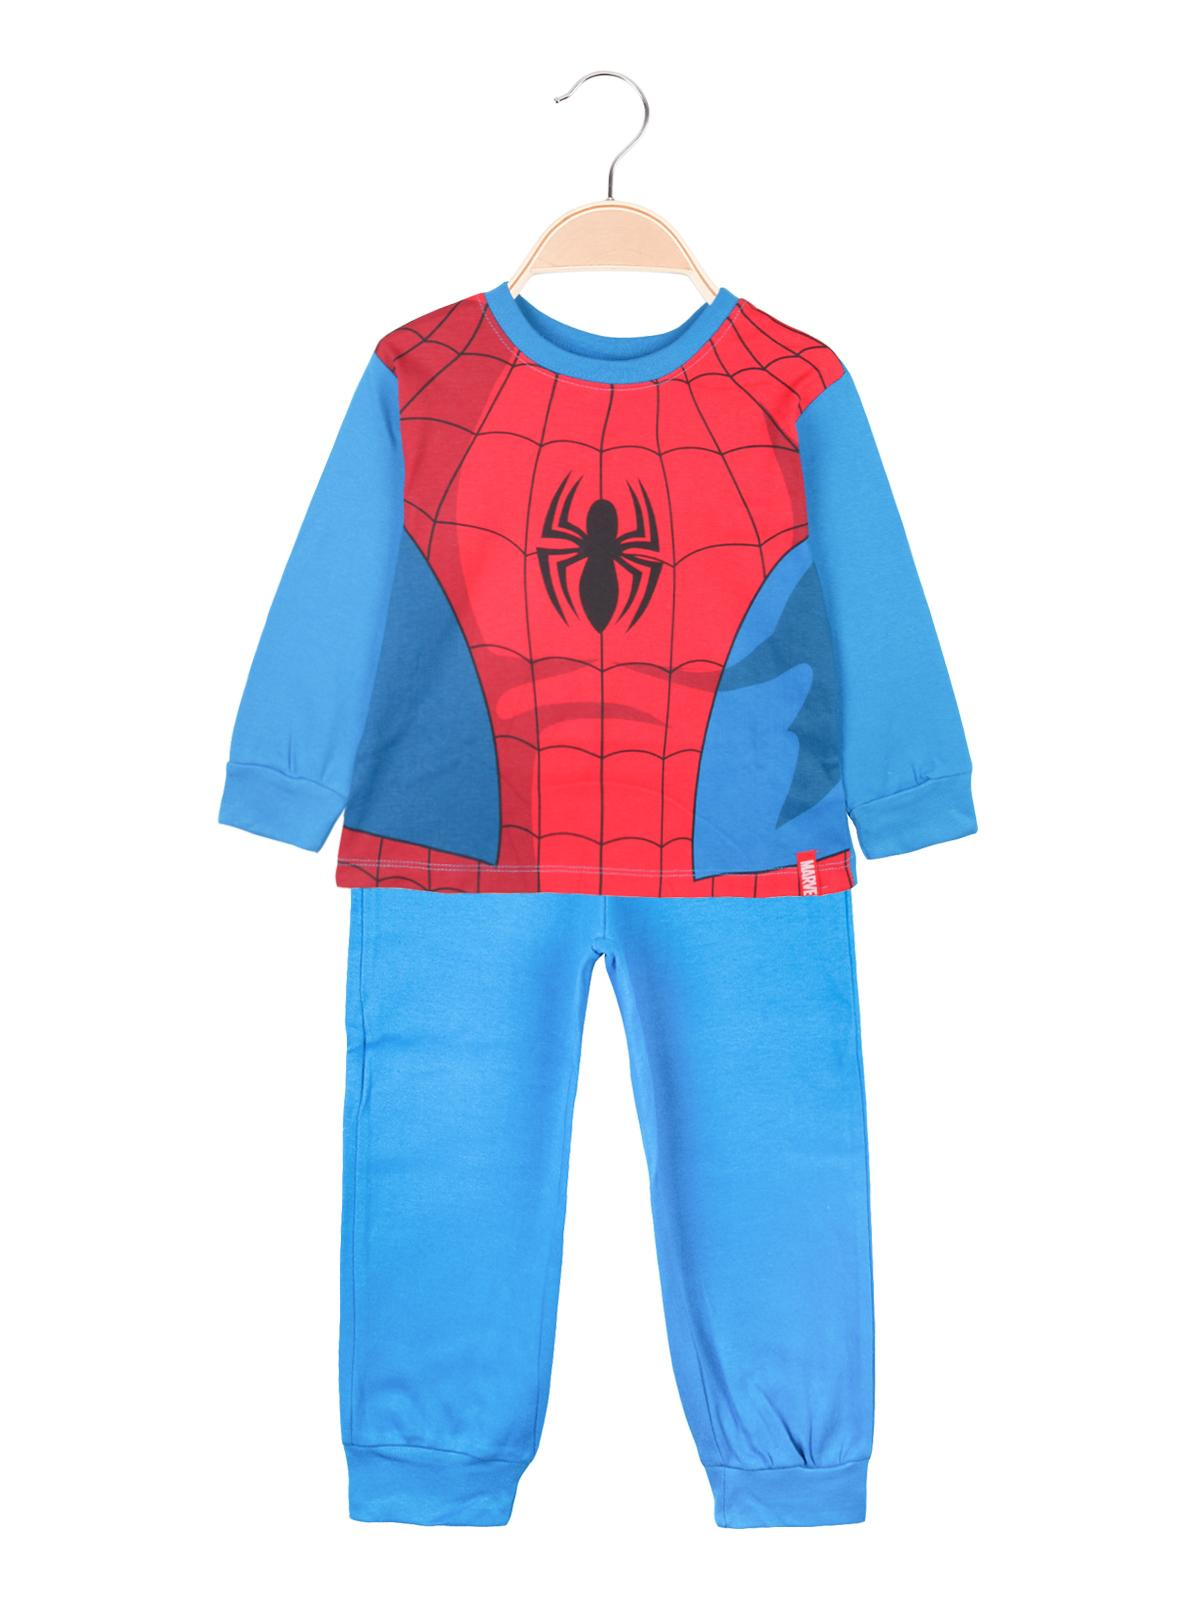 Pigiama Disney Spiderman Uomo Ragno Bambino 100/% Cotone Interlock Maniche Lunghe